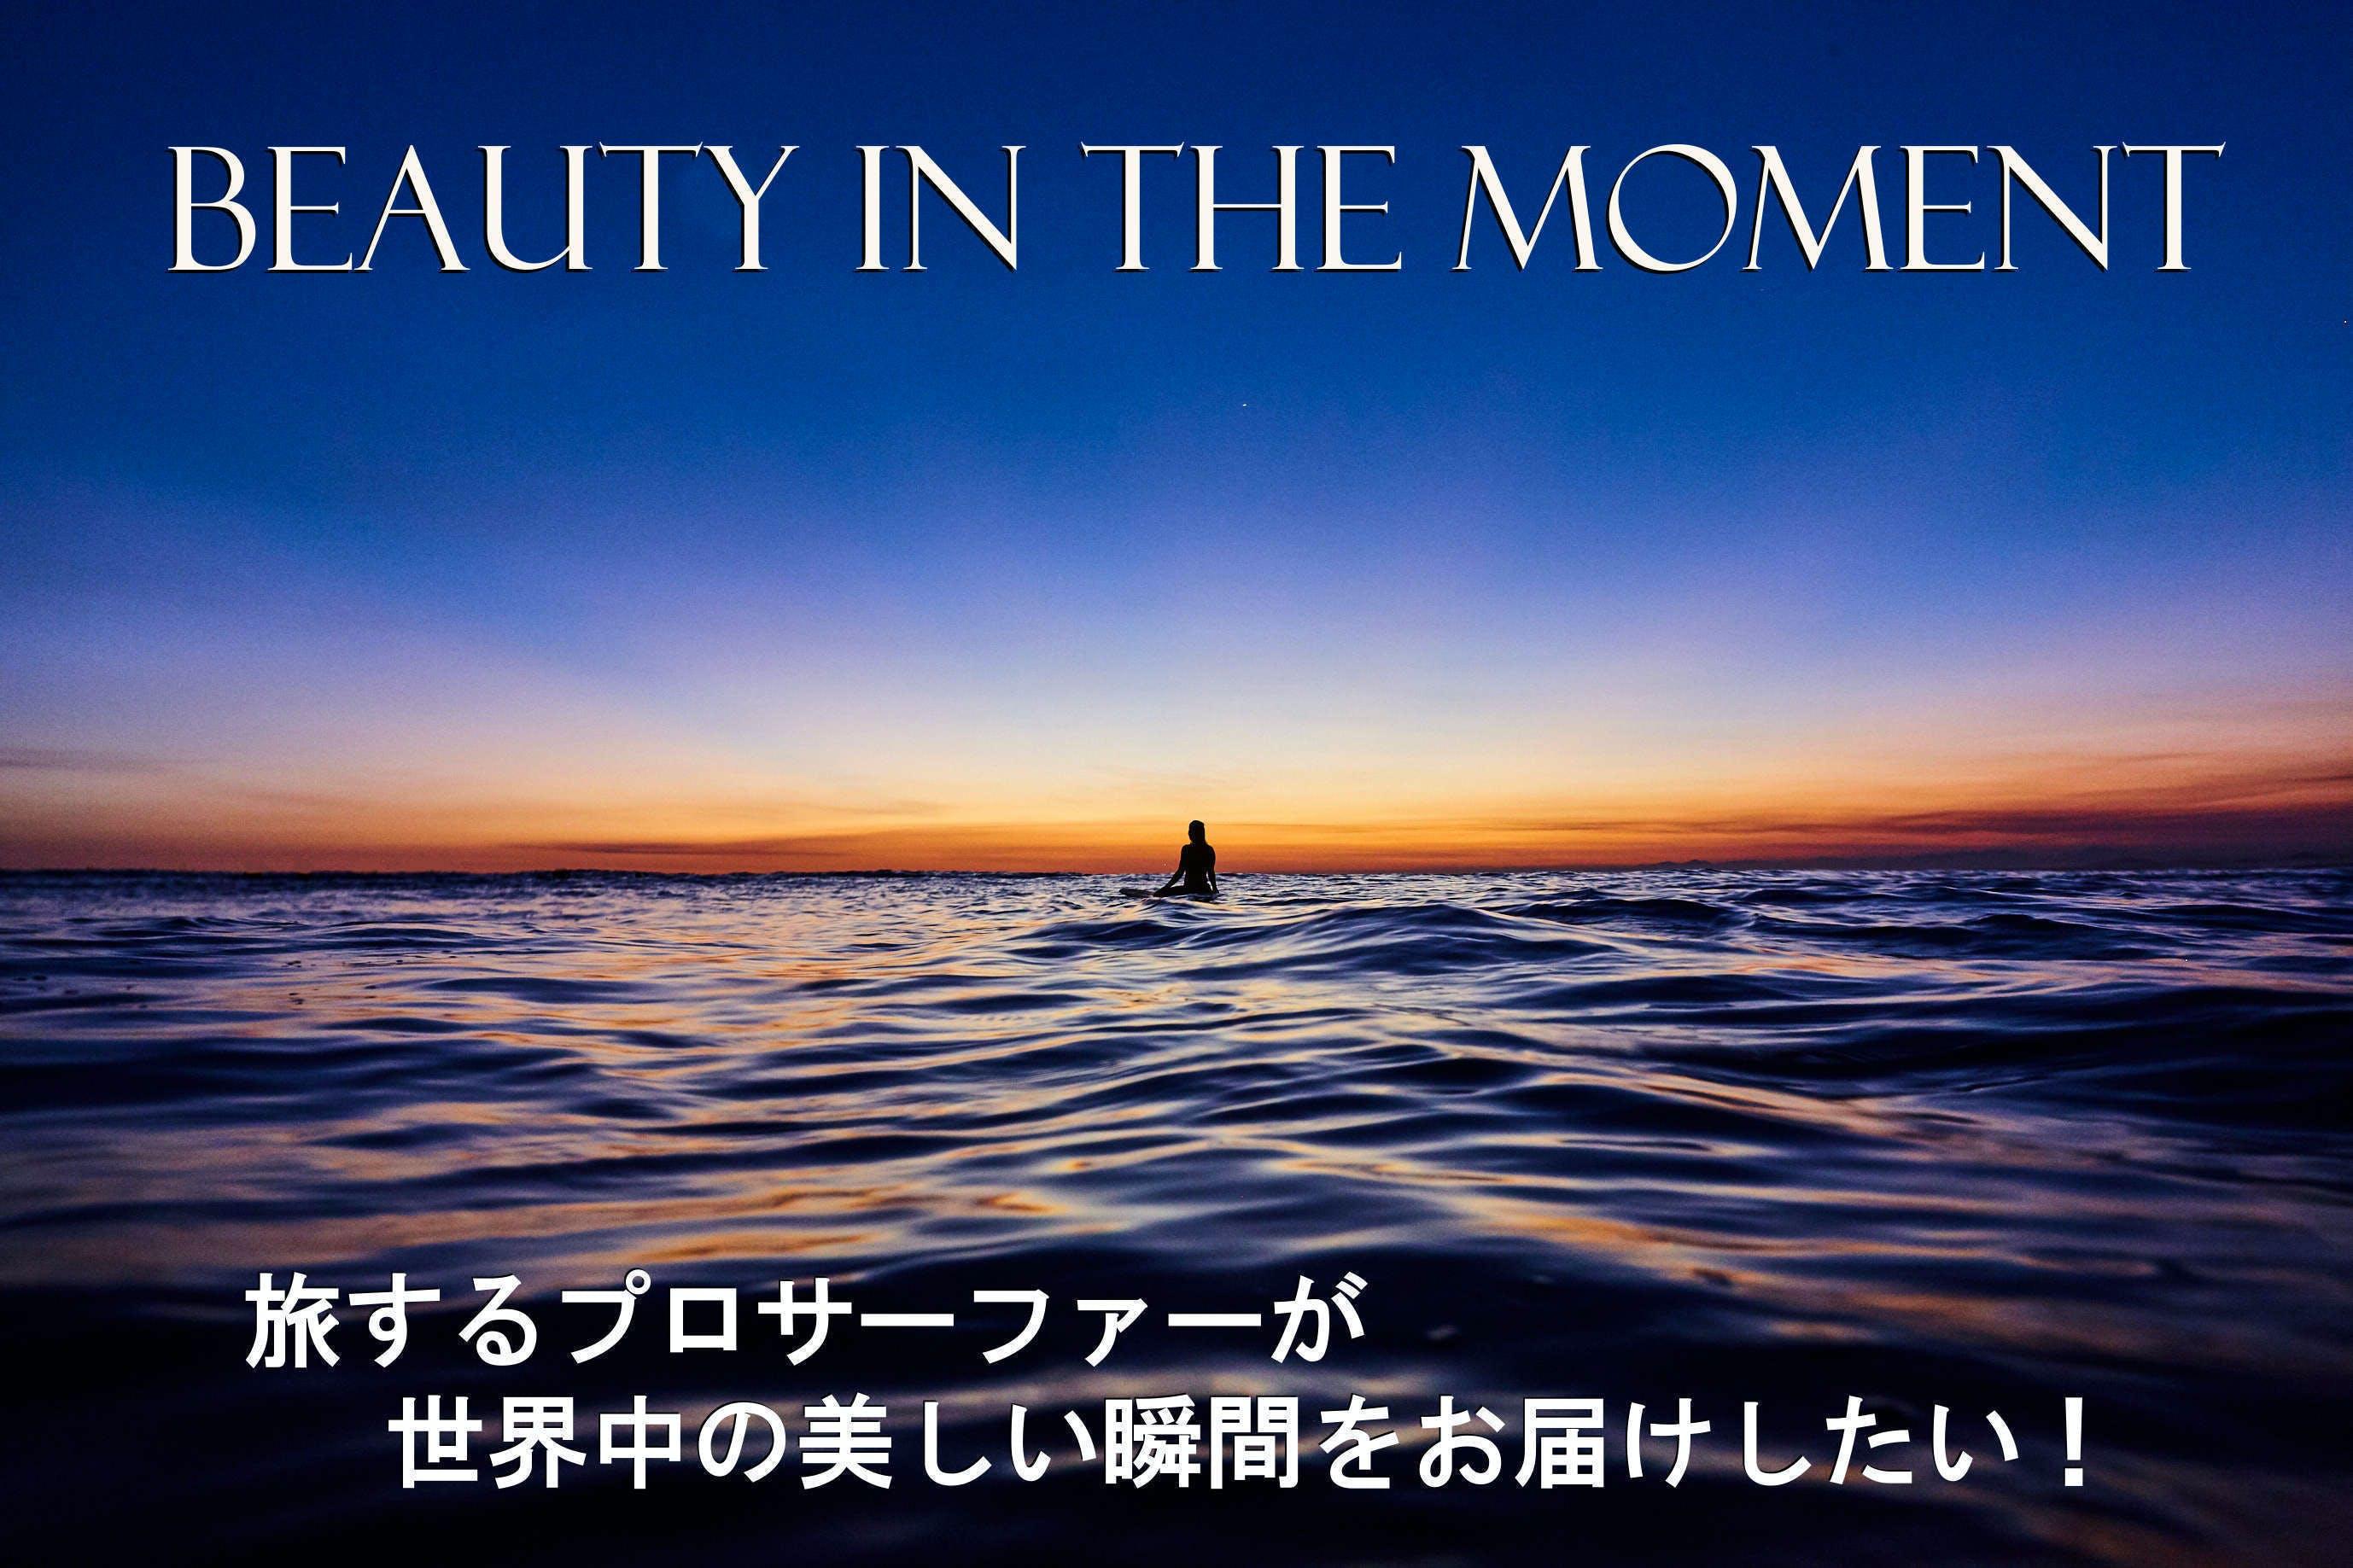 【刹那の美】旅するプロサーファー高貫佑麻が世界中の美しい瞬間をお届けしたい!